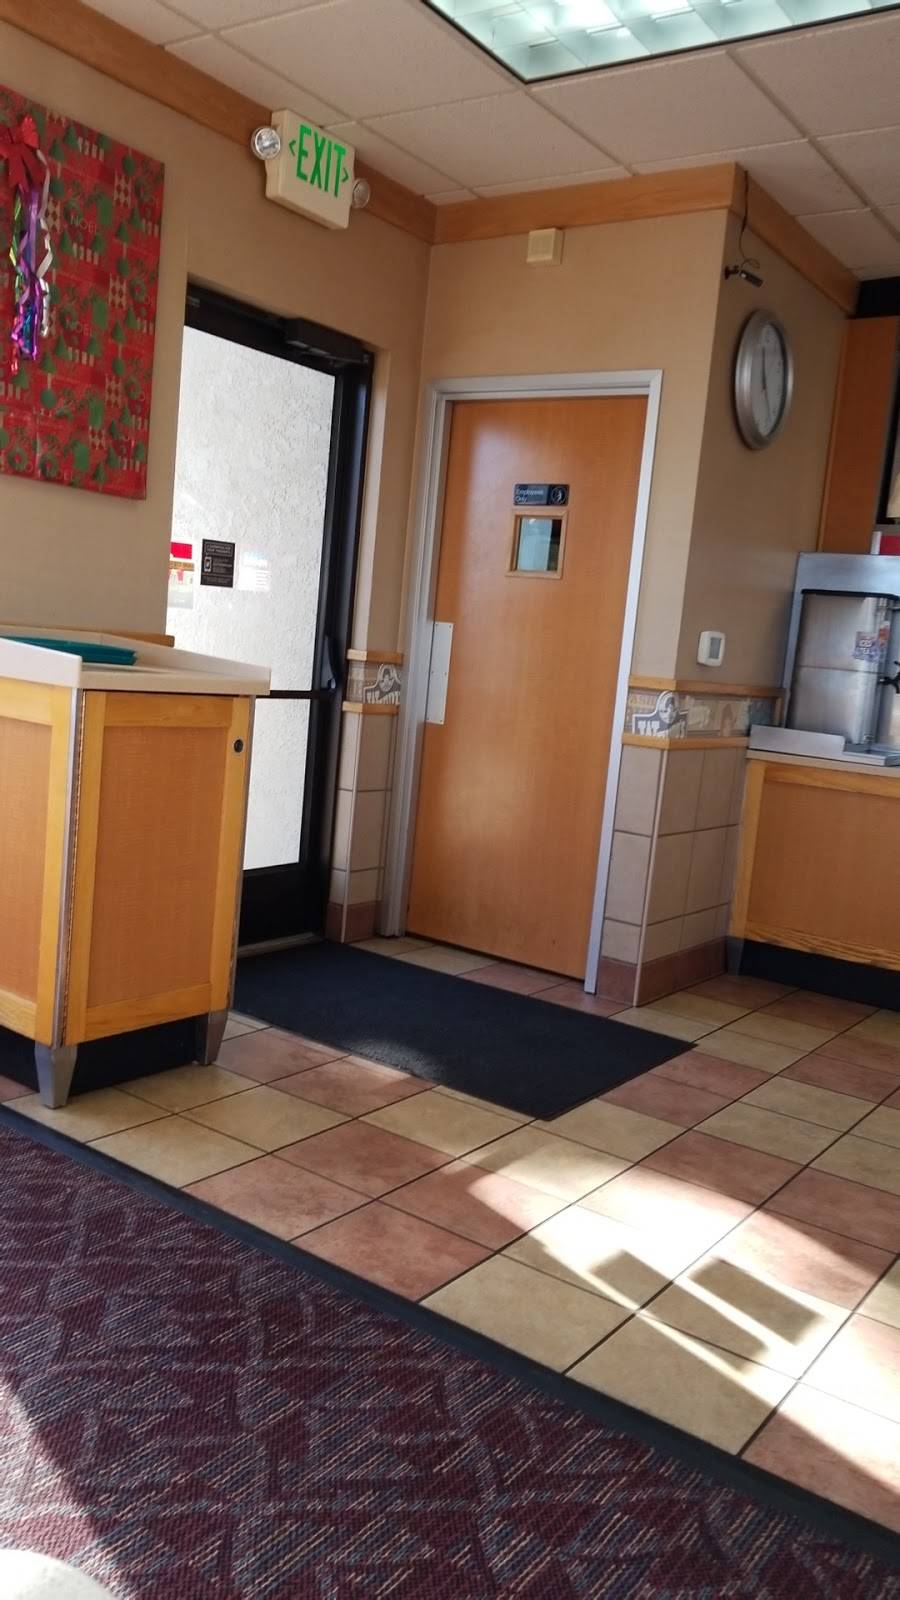 Wendys | restaurant | 499 El Camino Real, San Bruno, CA 94066, USA | 6508733810 OR +1 650-873-3810